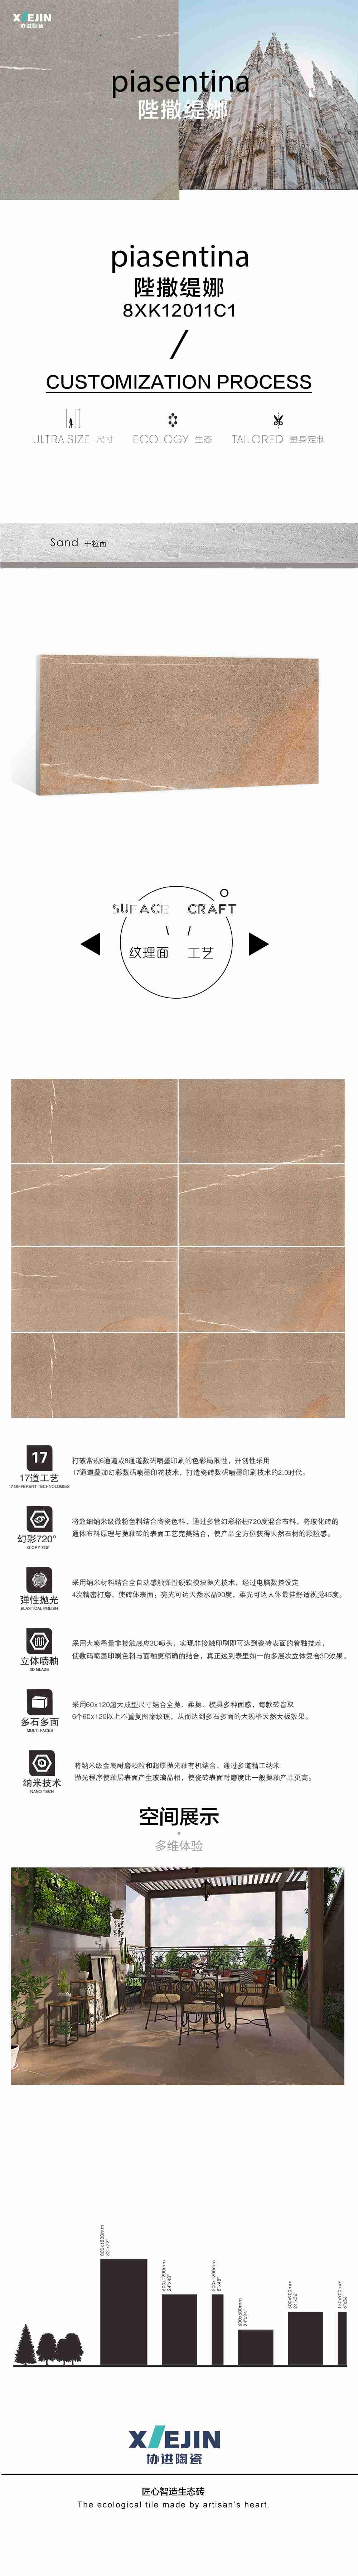 8XK12011C1--3.jpg